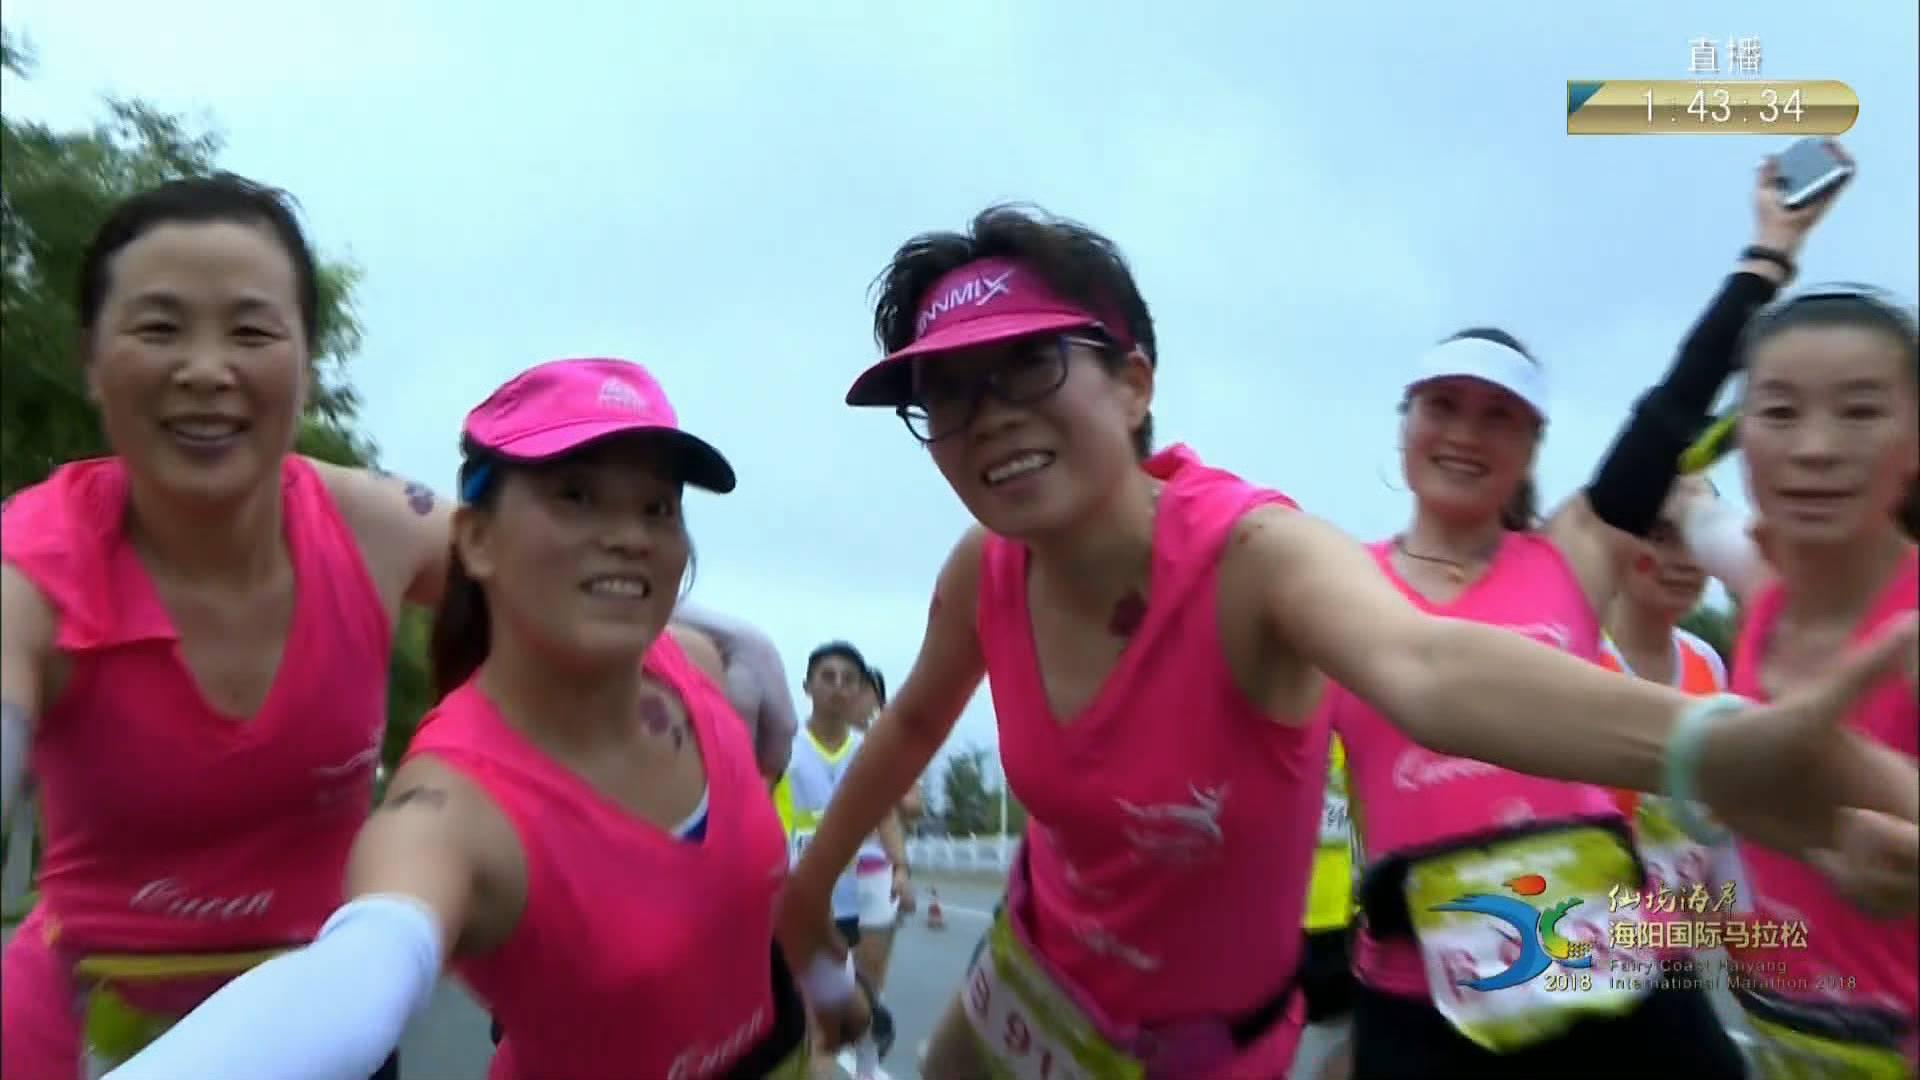 60秒丨给我的快乐特写!一个镜头分享海阳国际马拉松欢乐赛道